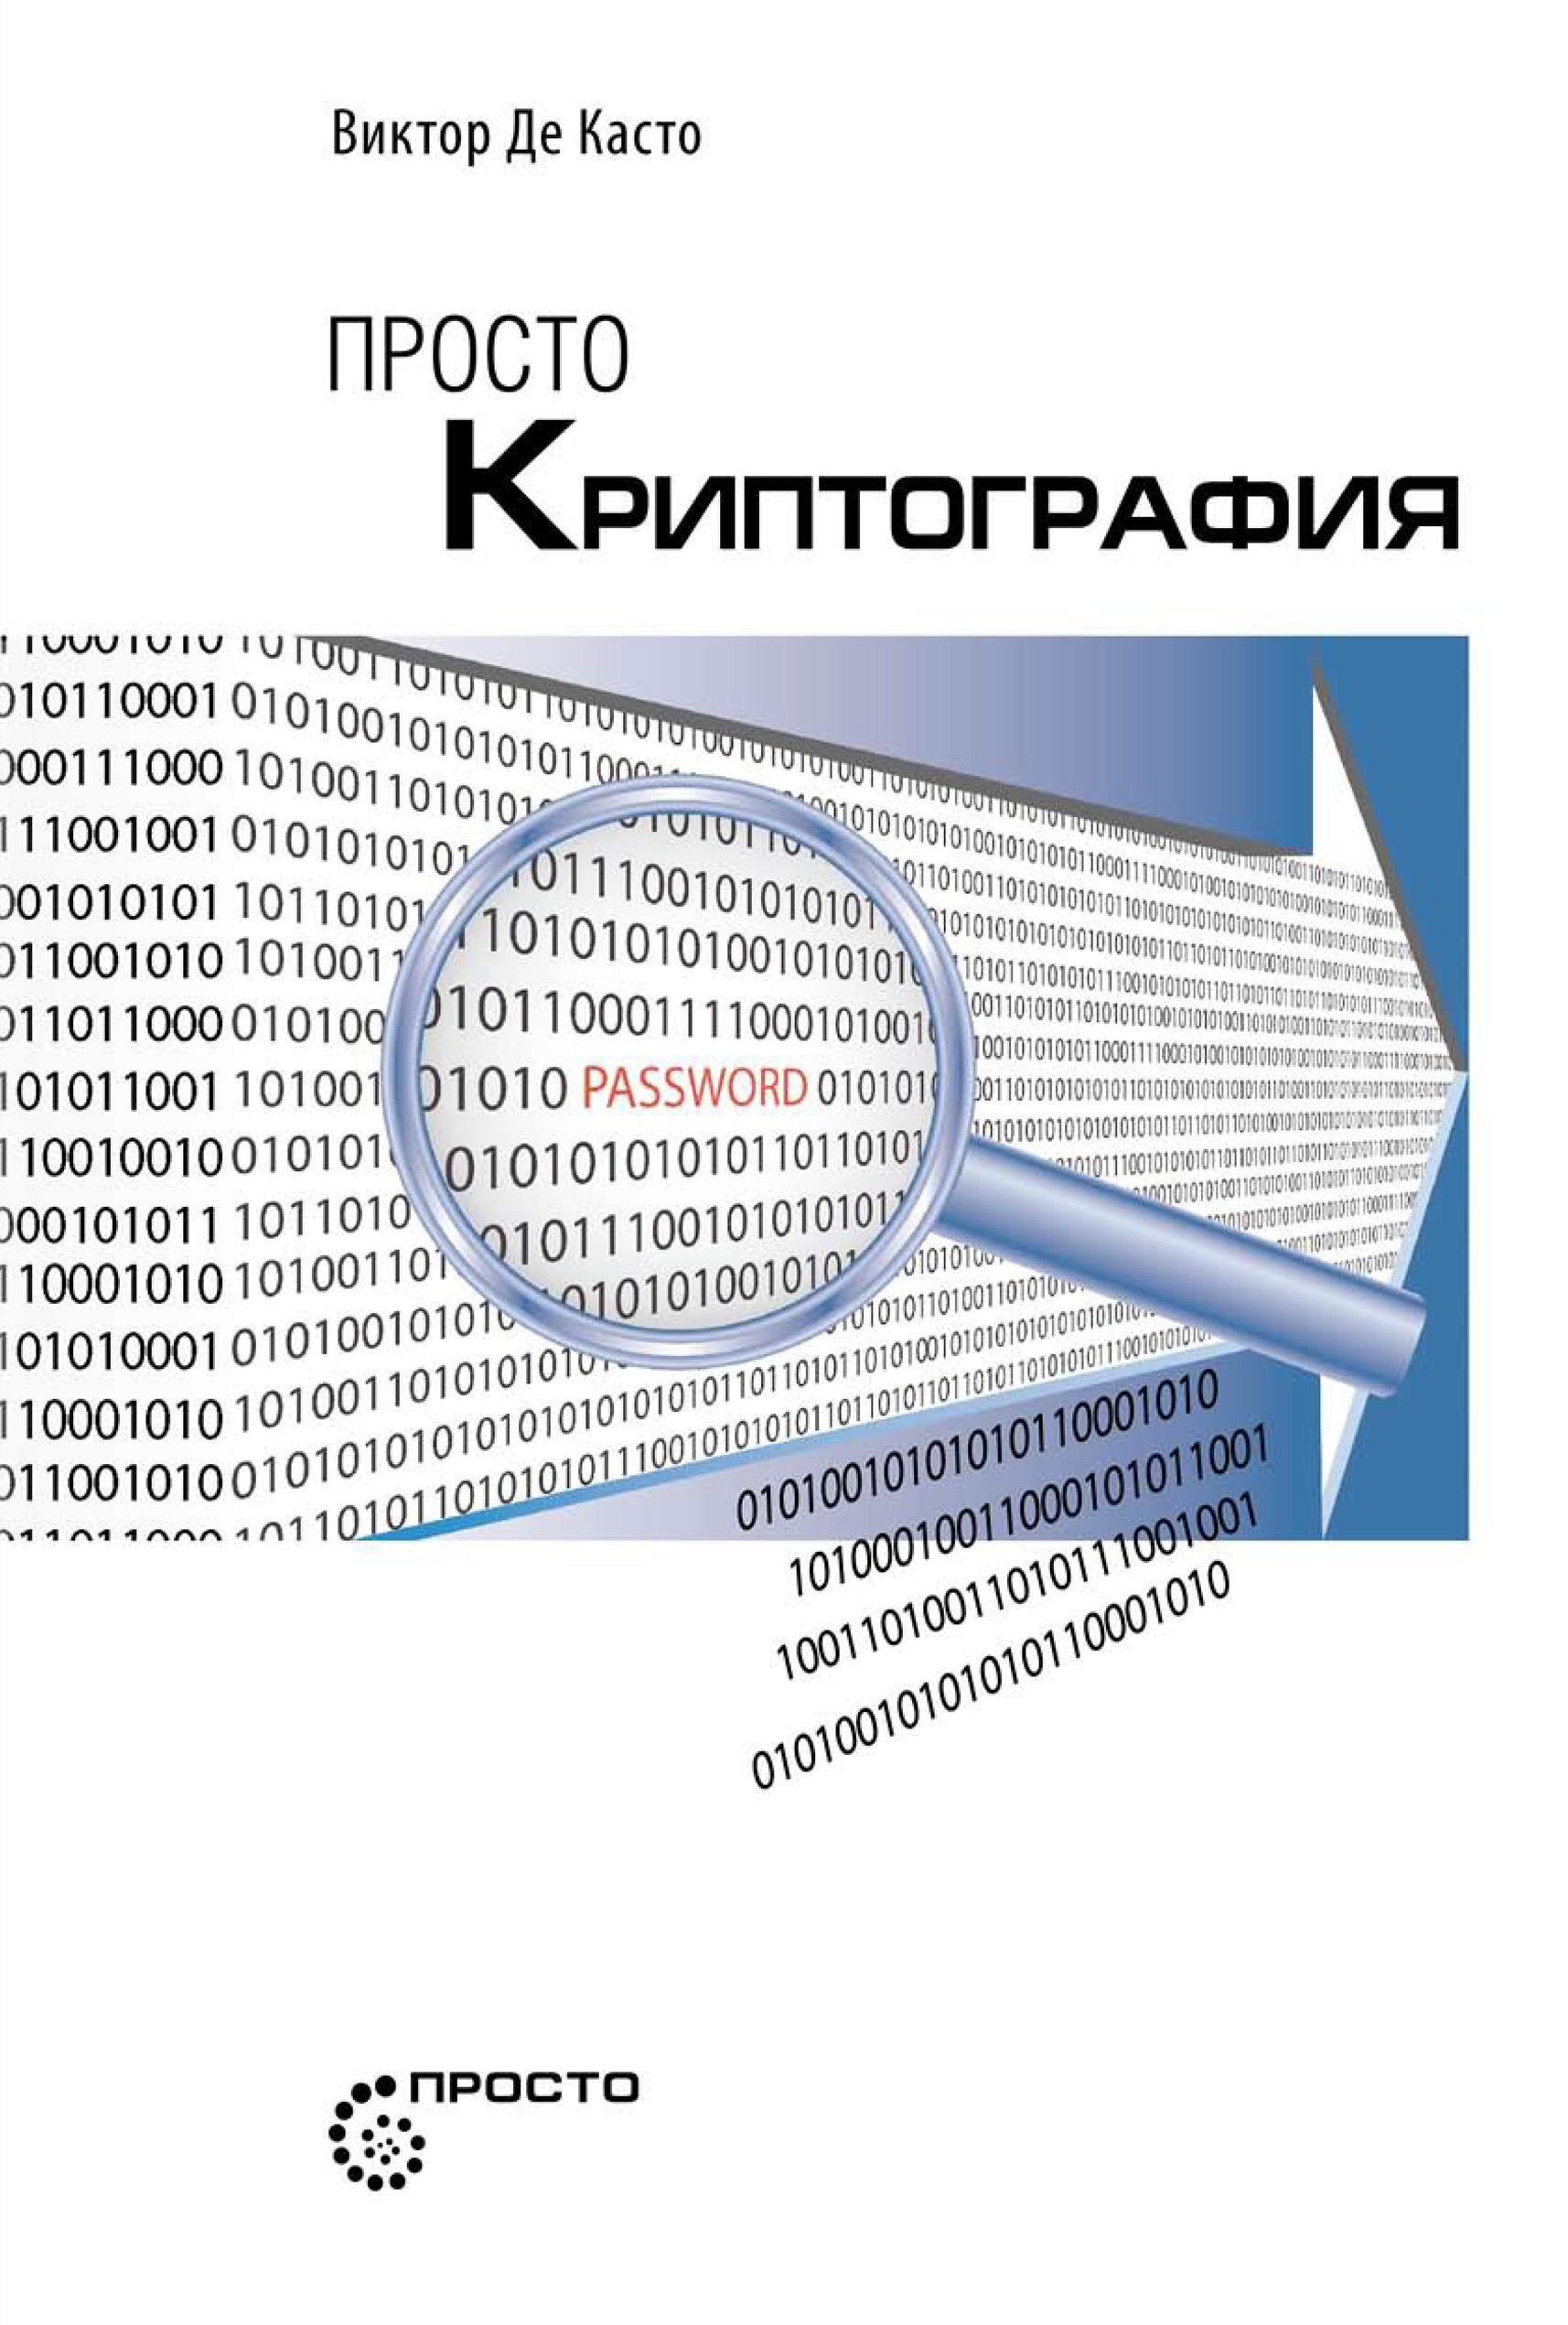 Виктор де Касто Просто криптография